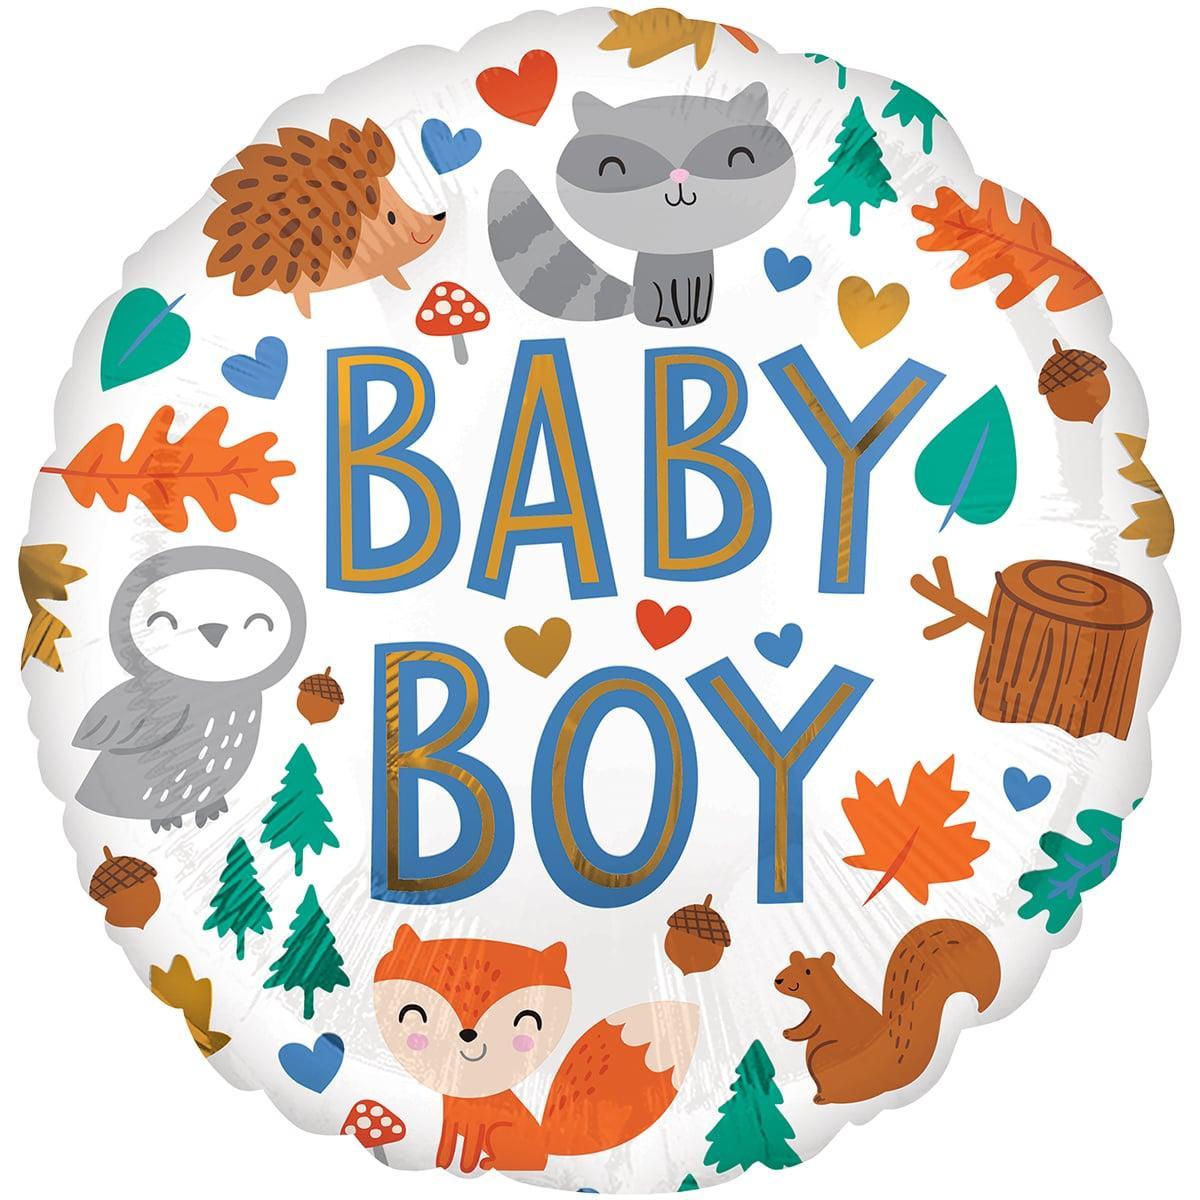 """Кулька 18"""" круг фольгована на виписку для хлопчика """"Baby boy, лісові звірята"""" малюнок УП шт."""